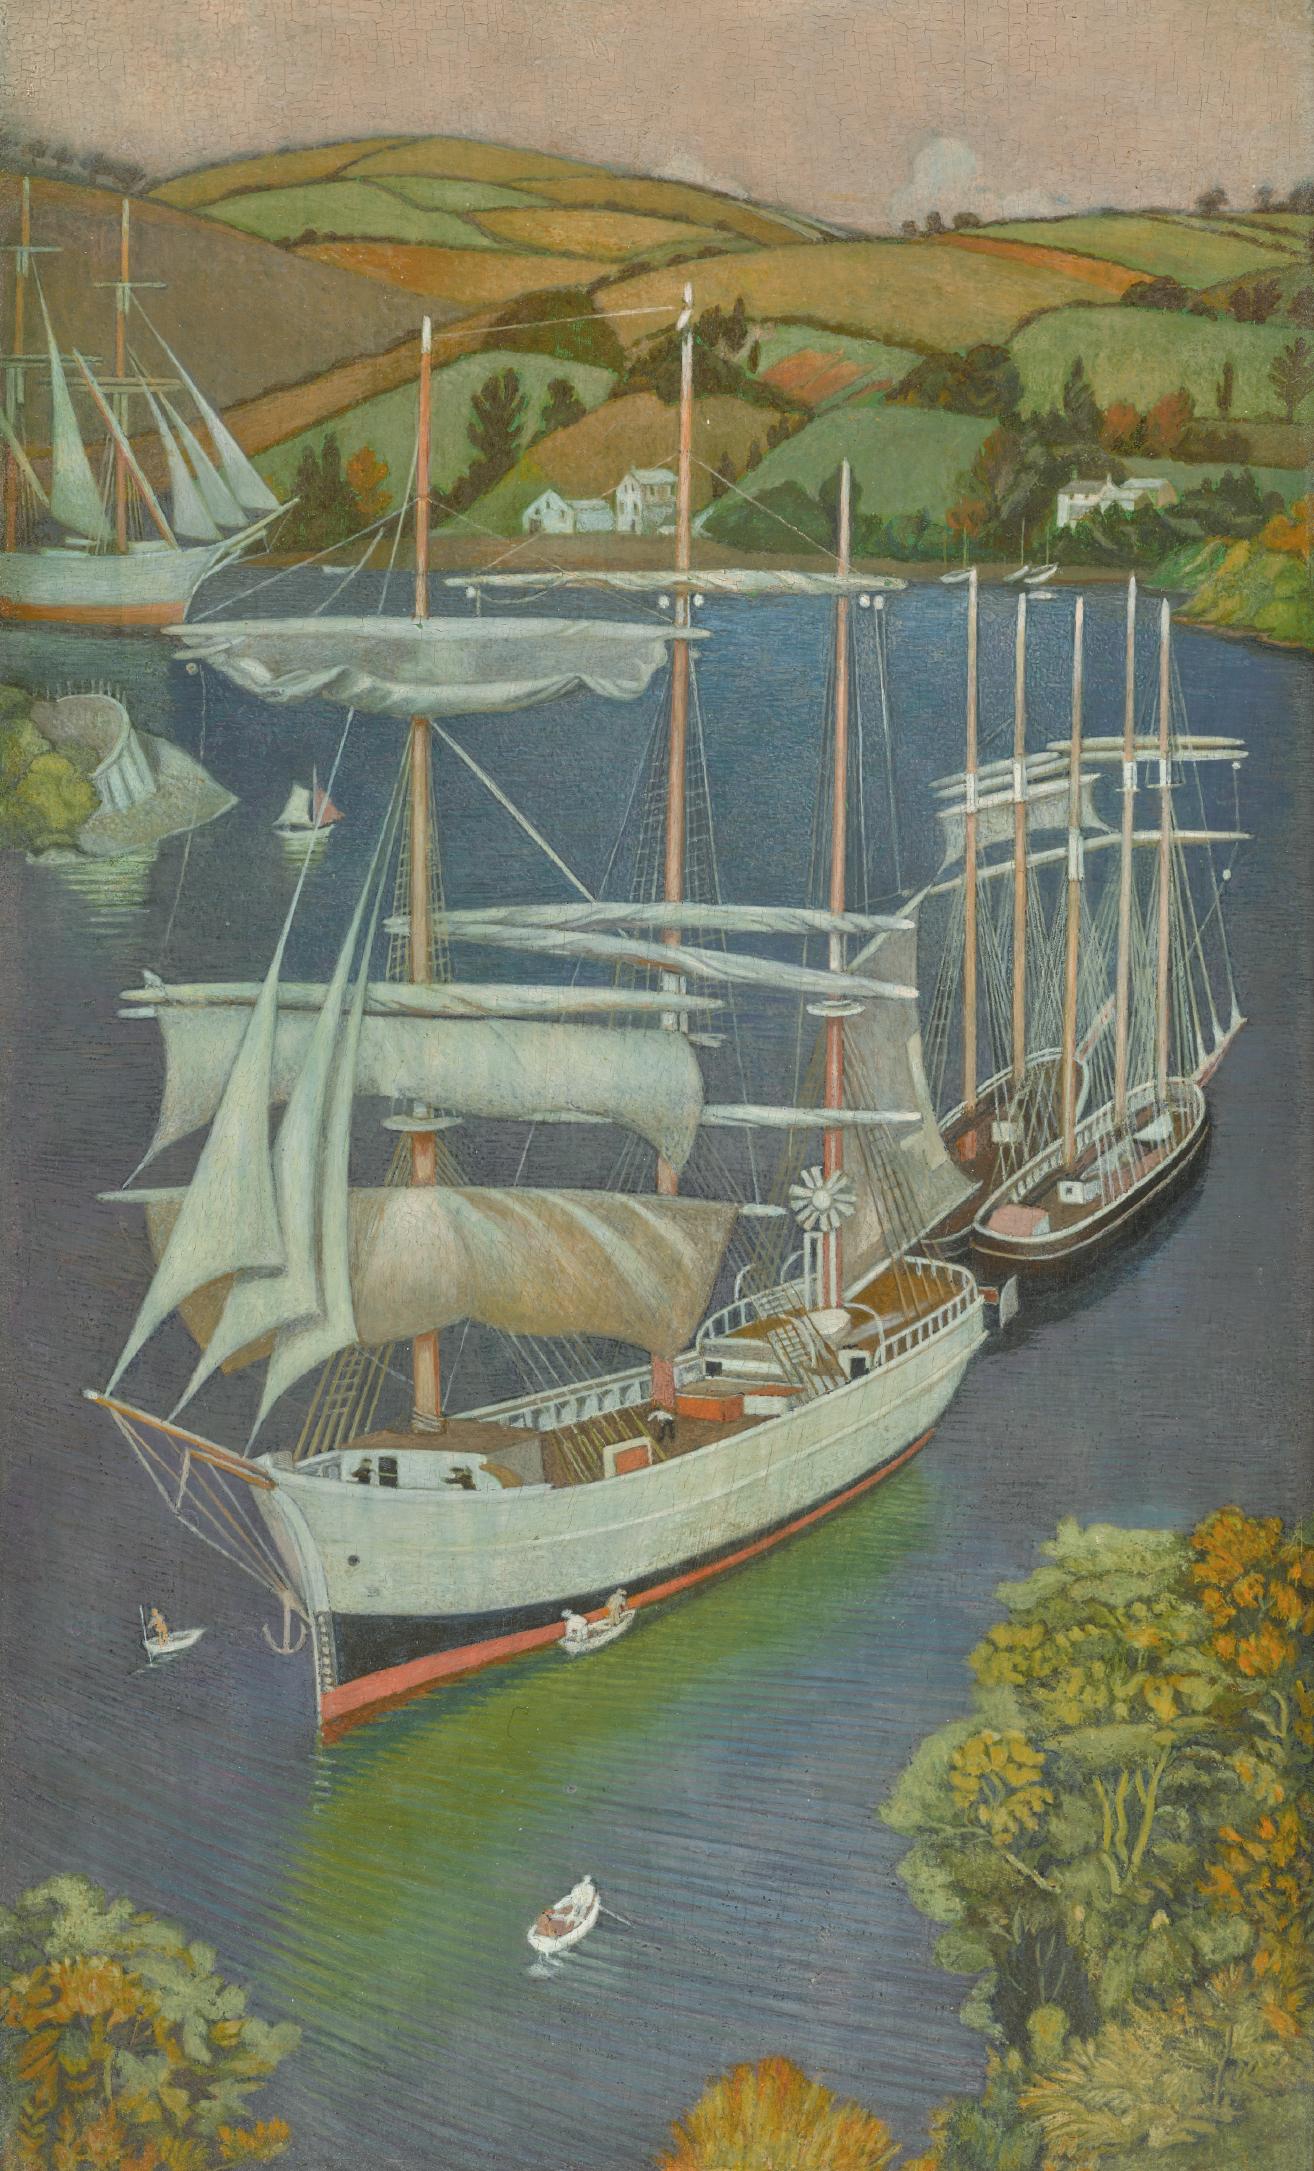 JOSEPH EDWARD SOUTHALL, R.W.S., R.B.S.A., N.E.A.C. | Brigs on the Fowey Estuary